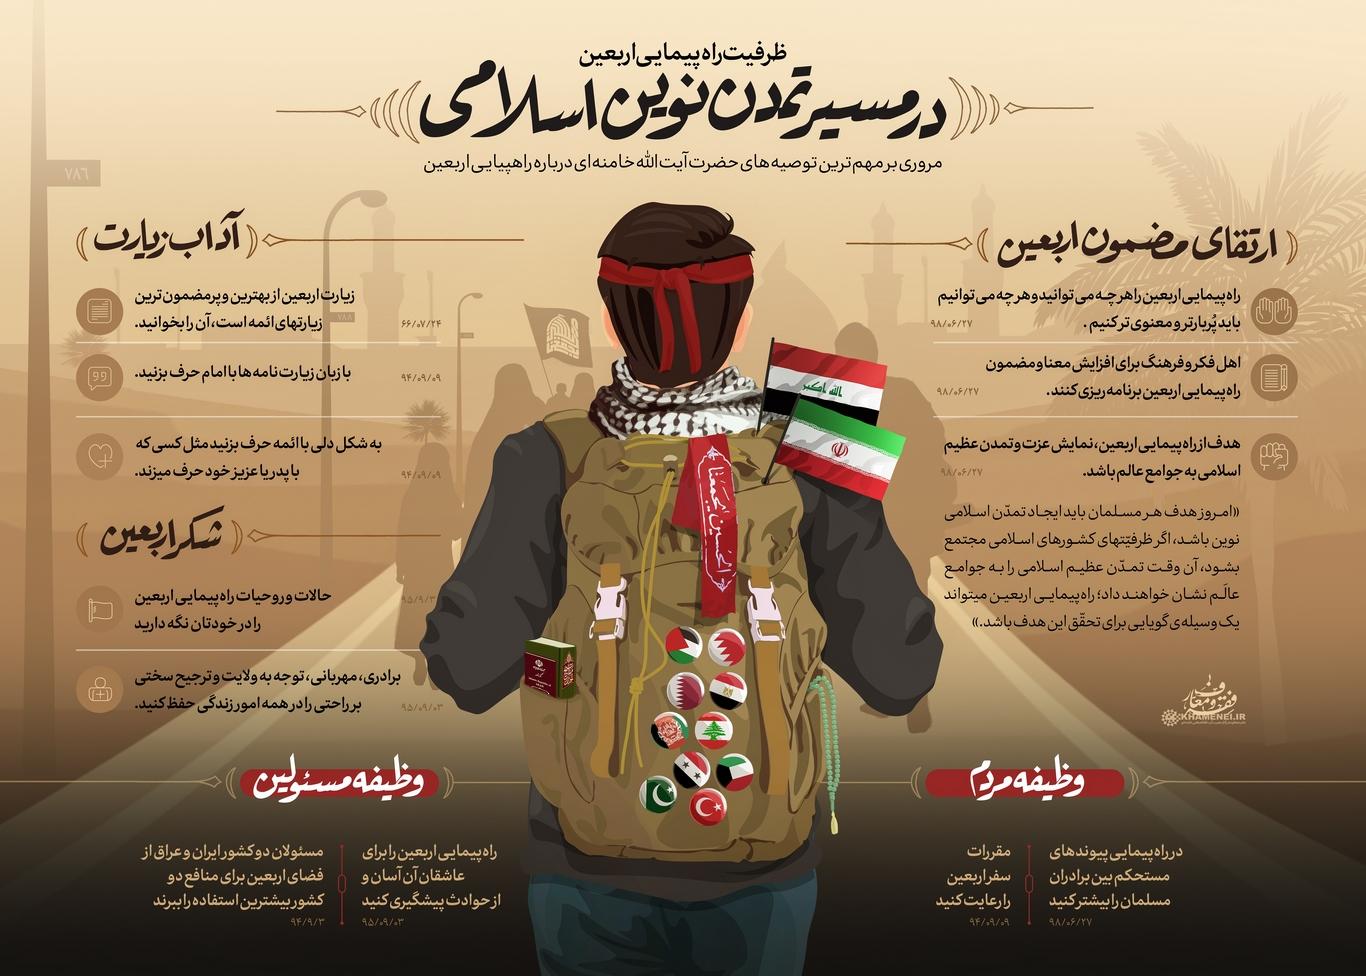 اینفوگرافی - پوستر بیانات مقام معظم رهبری: ظرفیت راهپیمائی اربعین؛ در مسیر تمدن نوین اسلامی (+ متن)